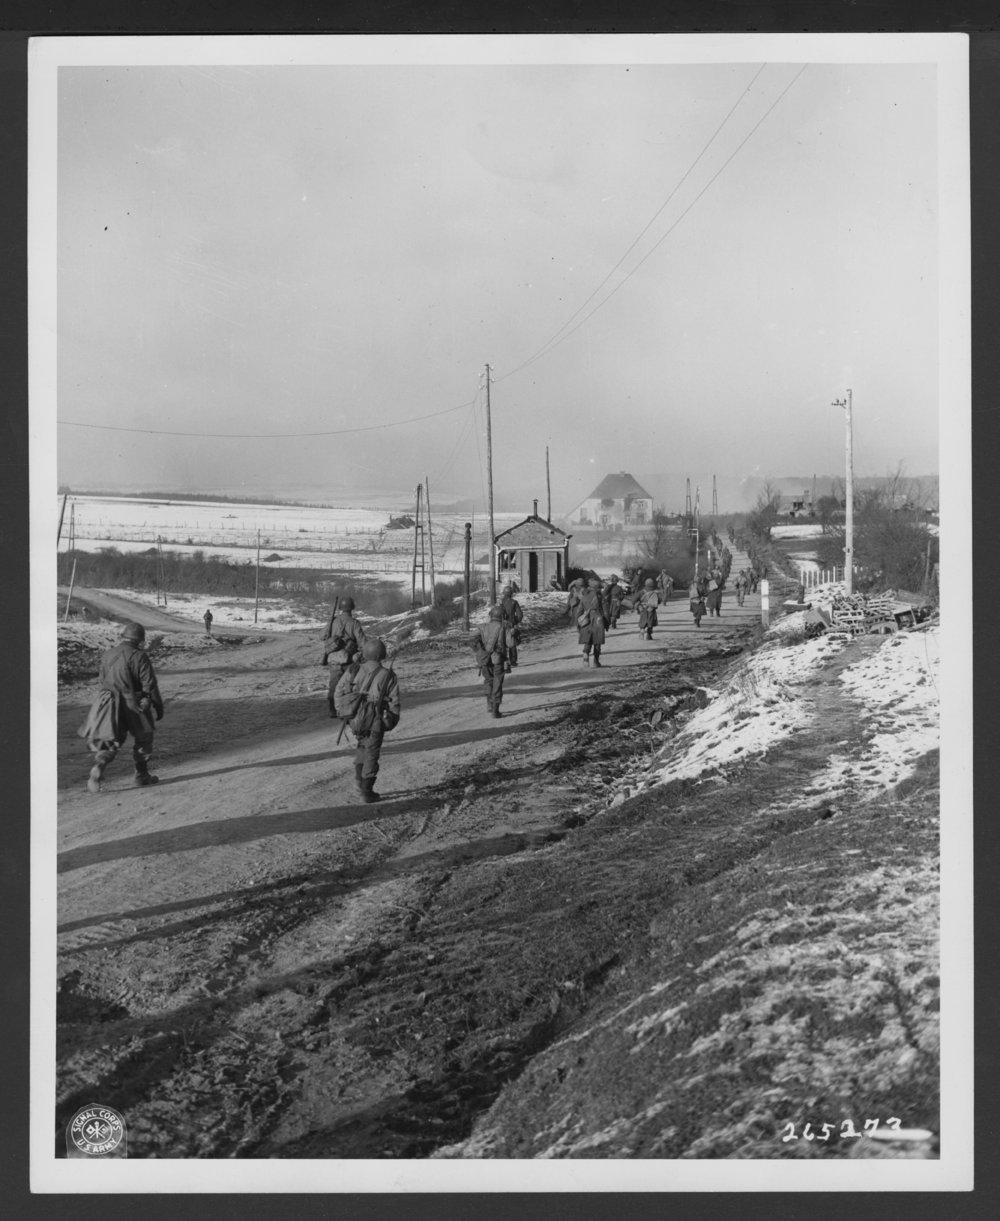 137th Infantry Regiment, 35th Division, Tintange, Belgium - 1